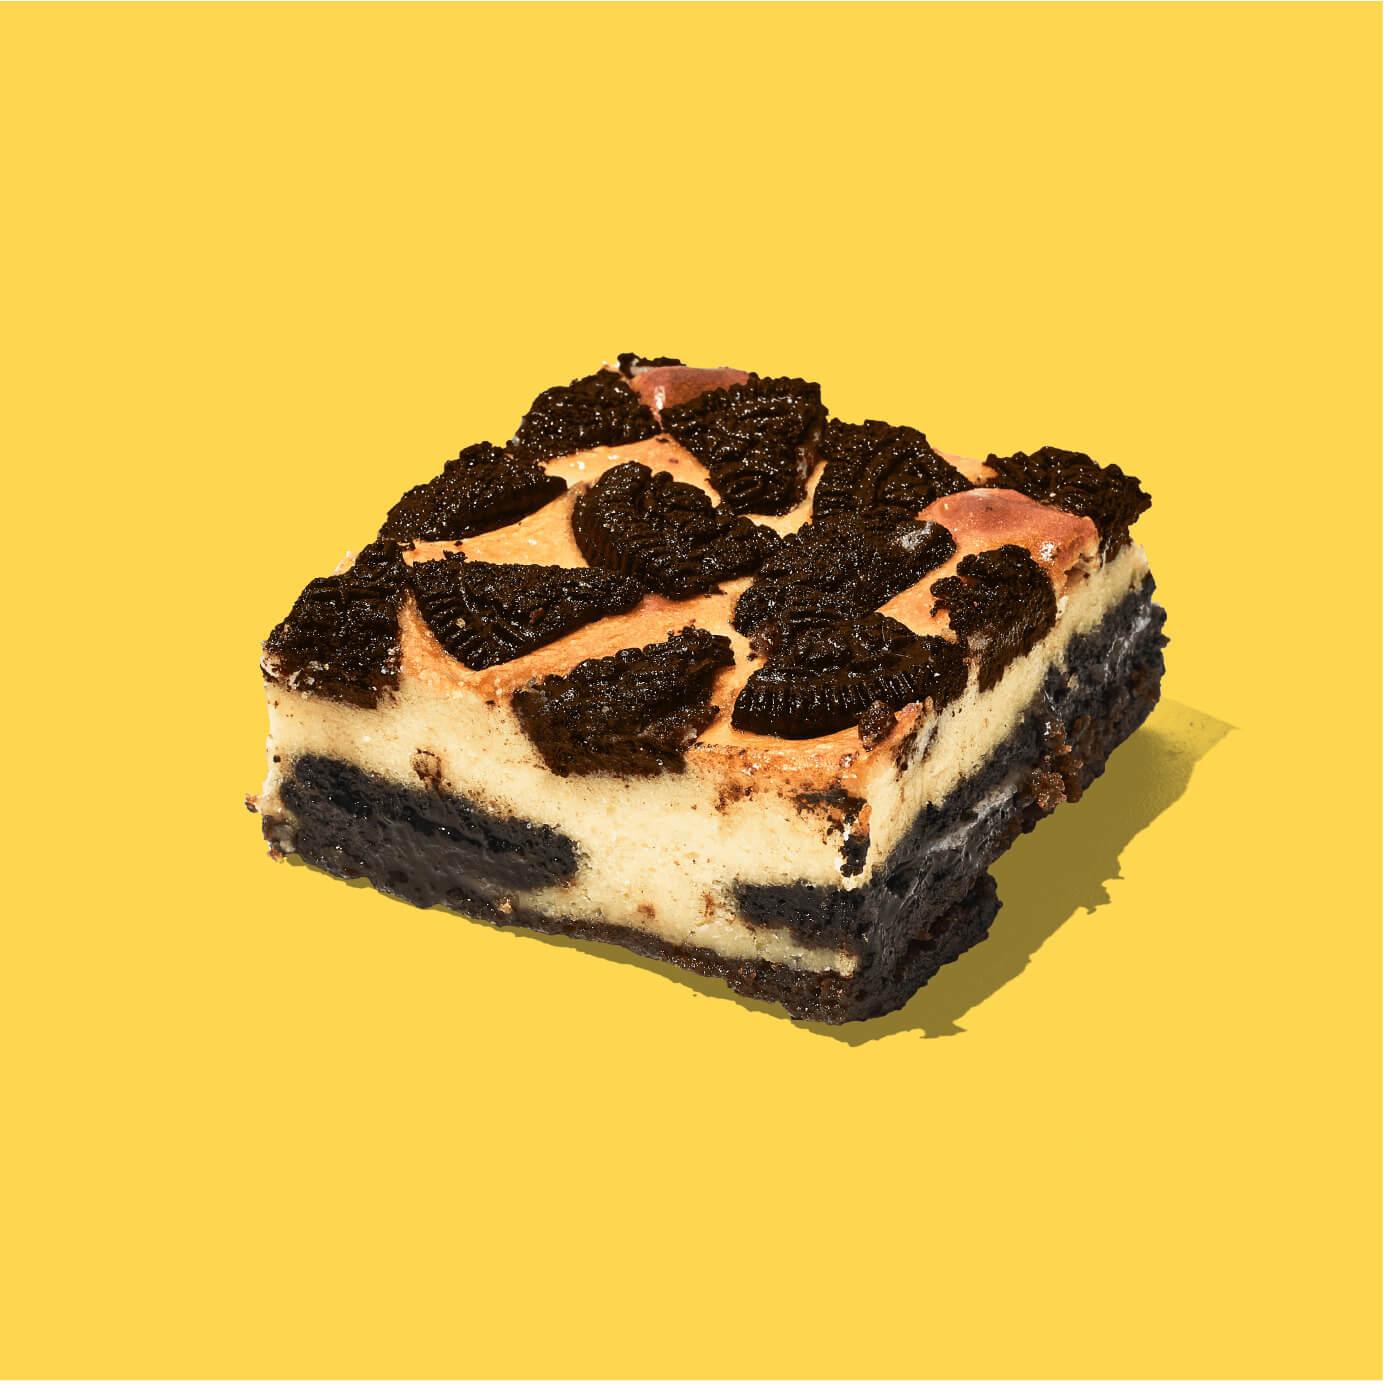 ¡Un Brownie y un cheescake juntos! Nuestro delicioso Brownie en combinación con un cheescake de vainilla, decorado con galletas Oreo. Imposible probar sólo uno.  Medida de Producto: 6.5 cm de ancho, 6.5 cm de largo, 3.5 cm de altura